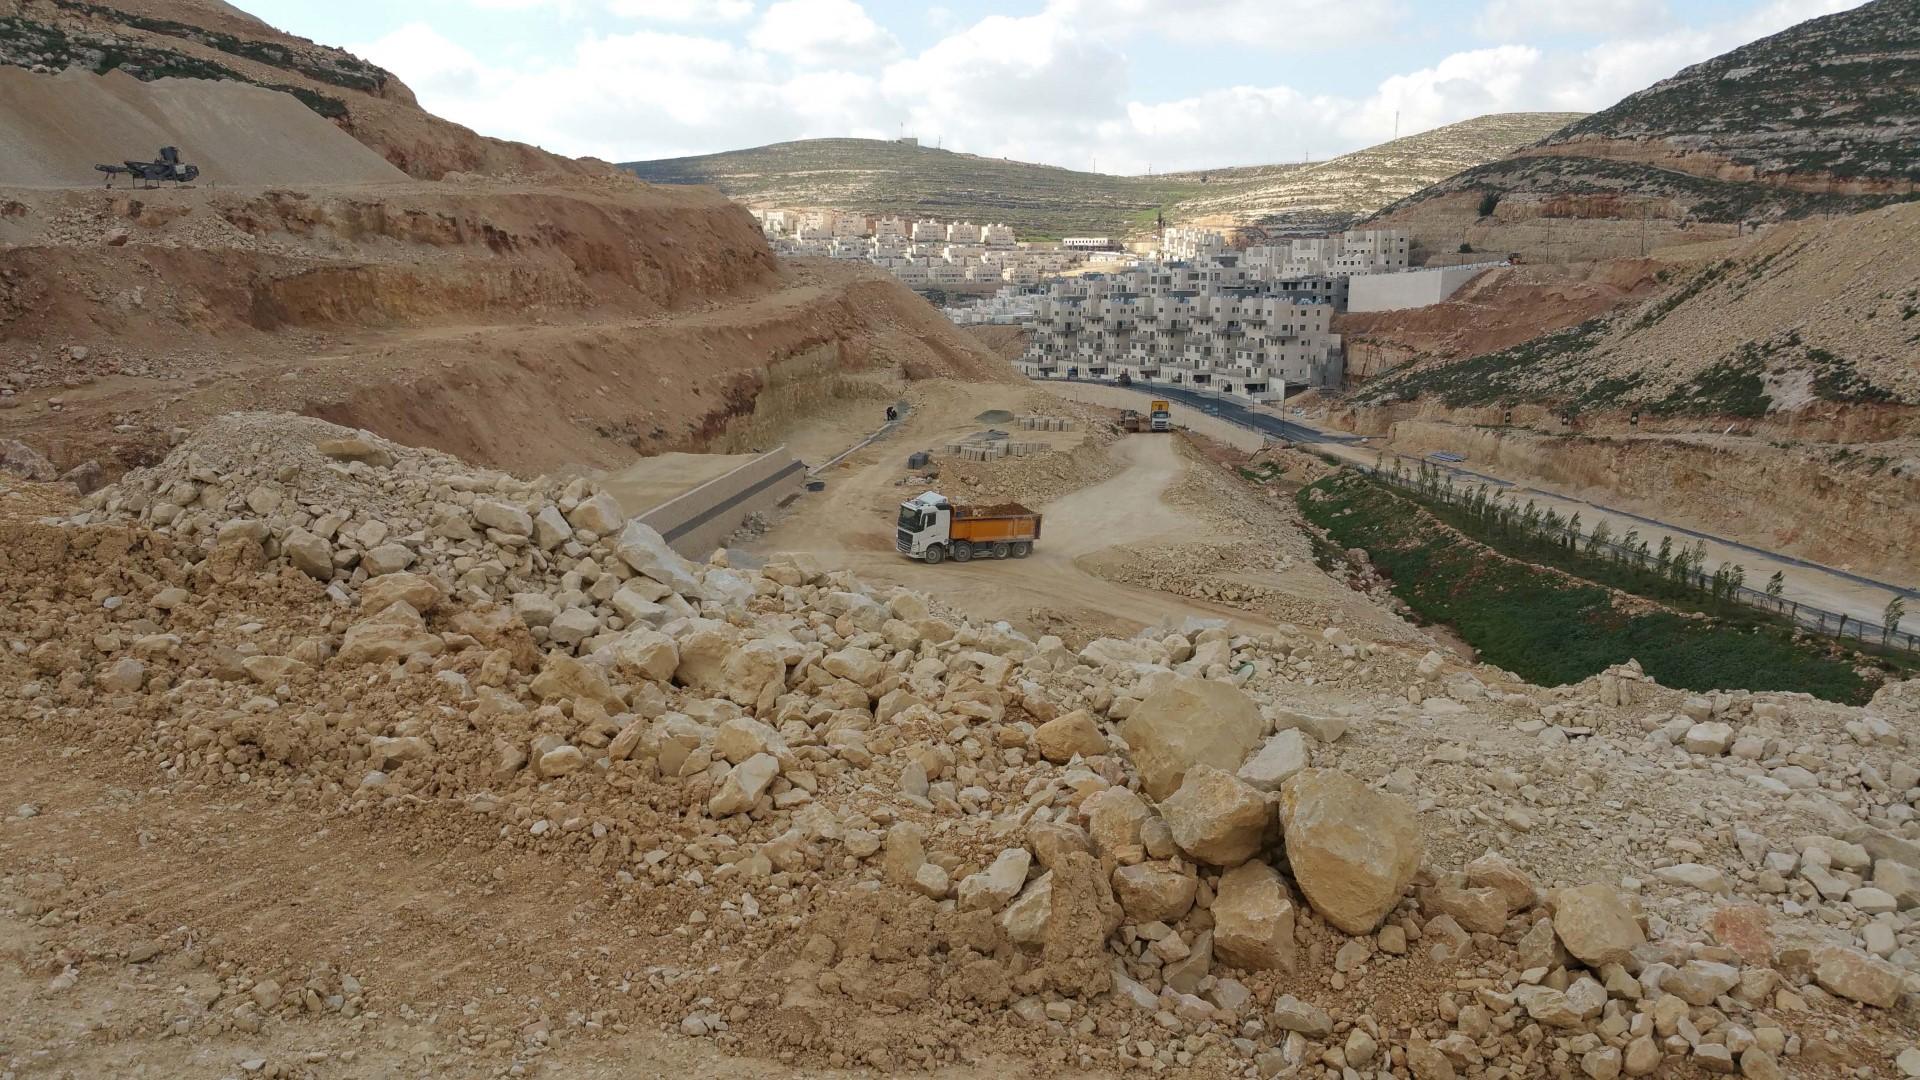 עבודות בשטח ביישוב גבעת זאב  (צילום: חברת נופי ישראל)